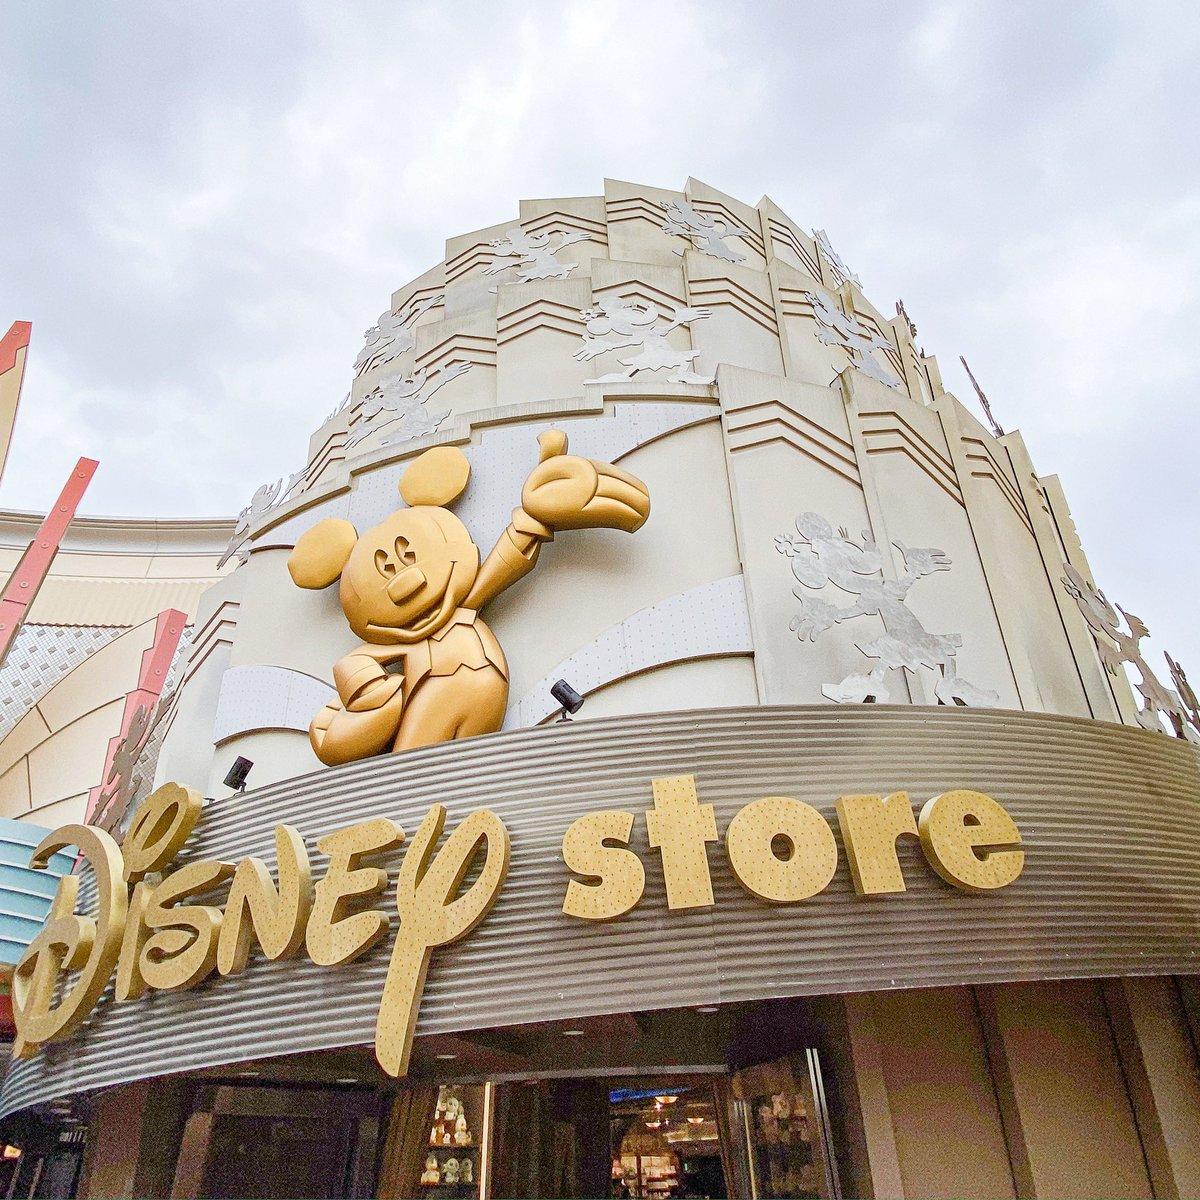 「ディズニーストア」東京ディズニーリゾート店本日より営業再開です。